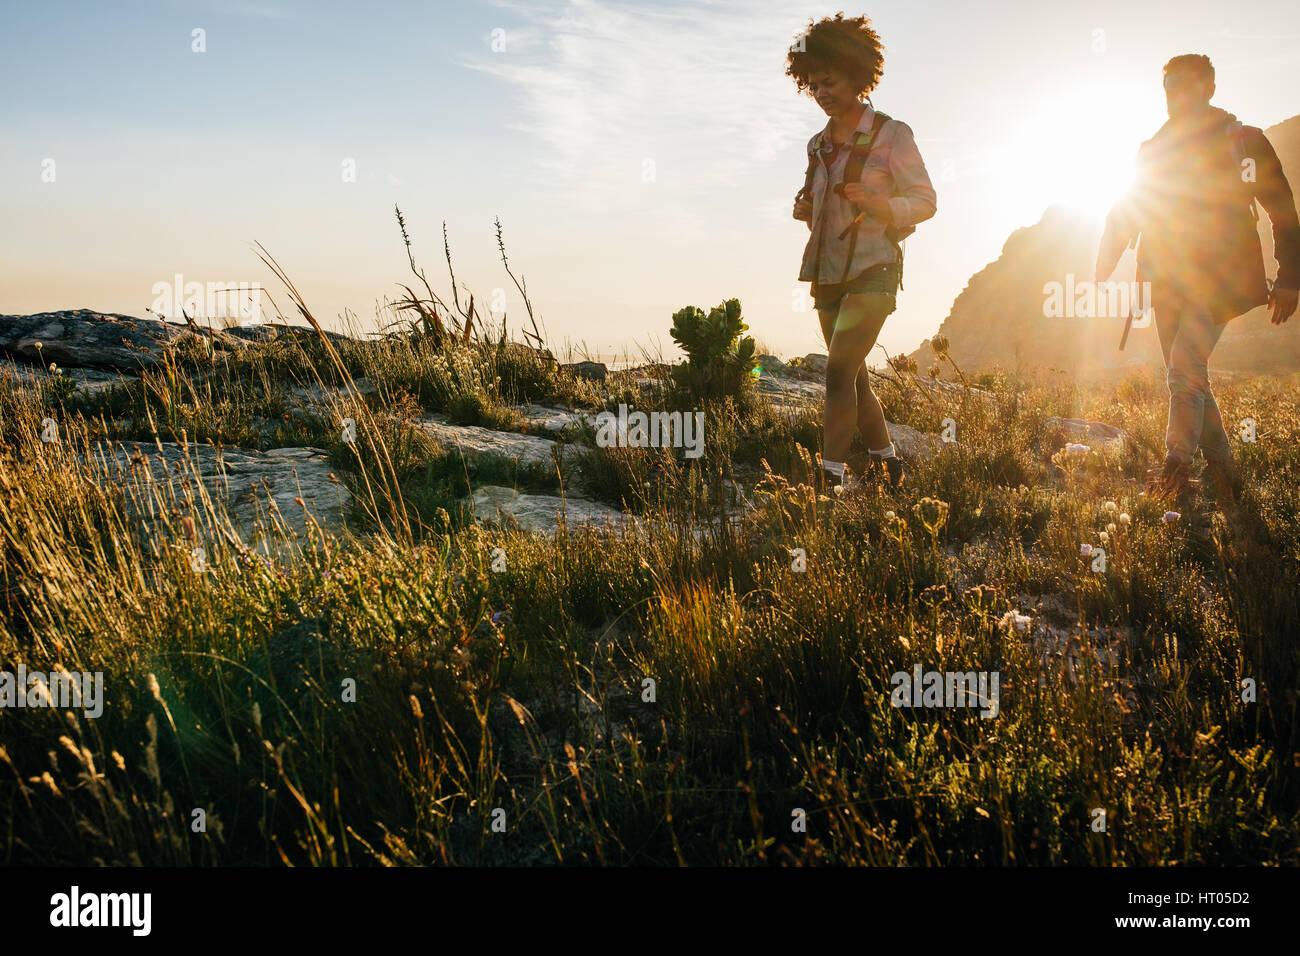 Amis de marcher dans la campagne ensemble. Jeune homme et femme en randonnée sur une journée d'été. Photo Stock